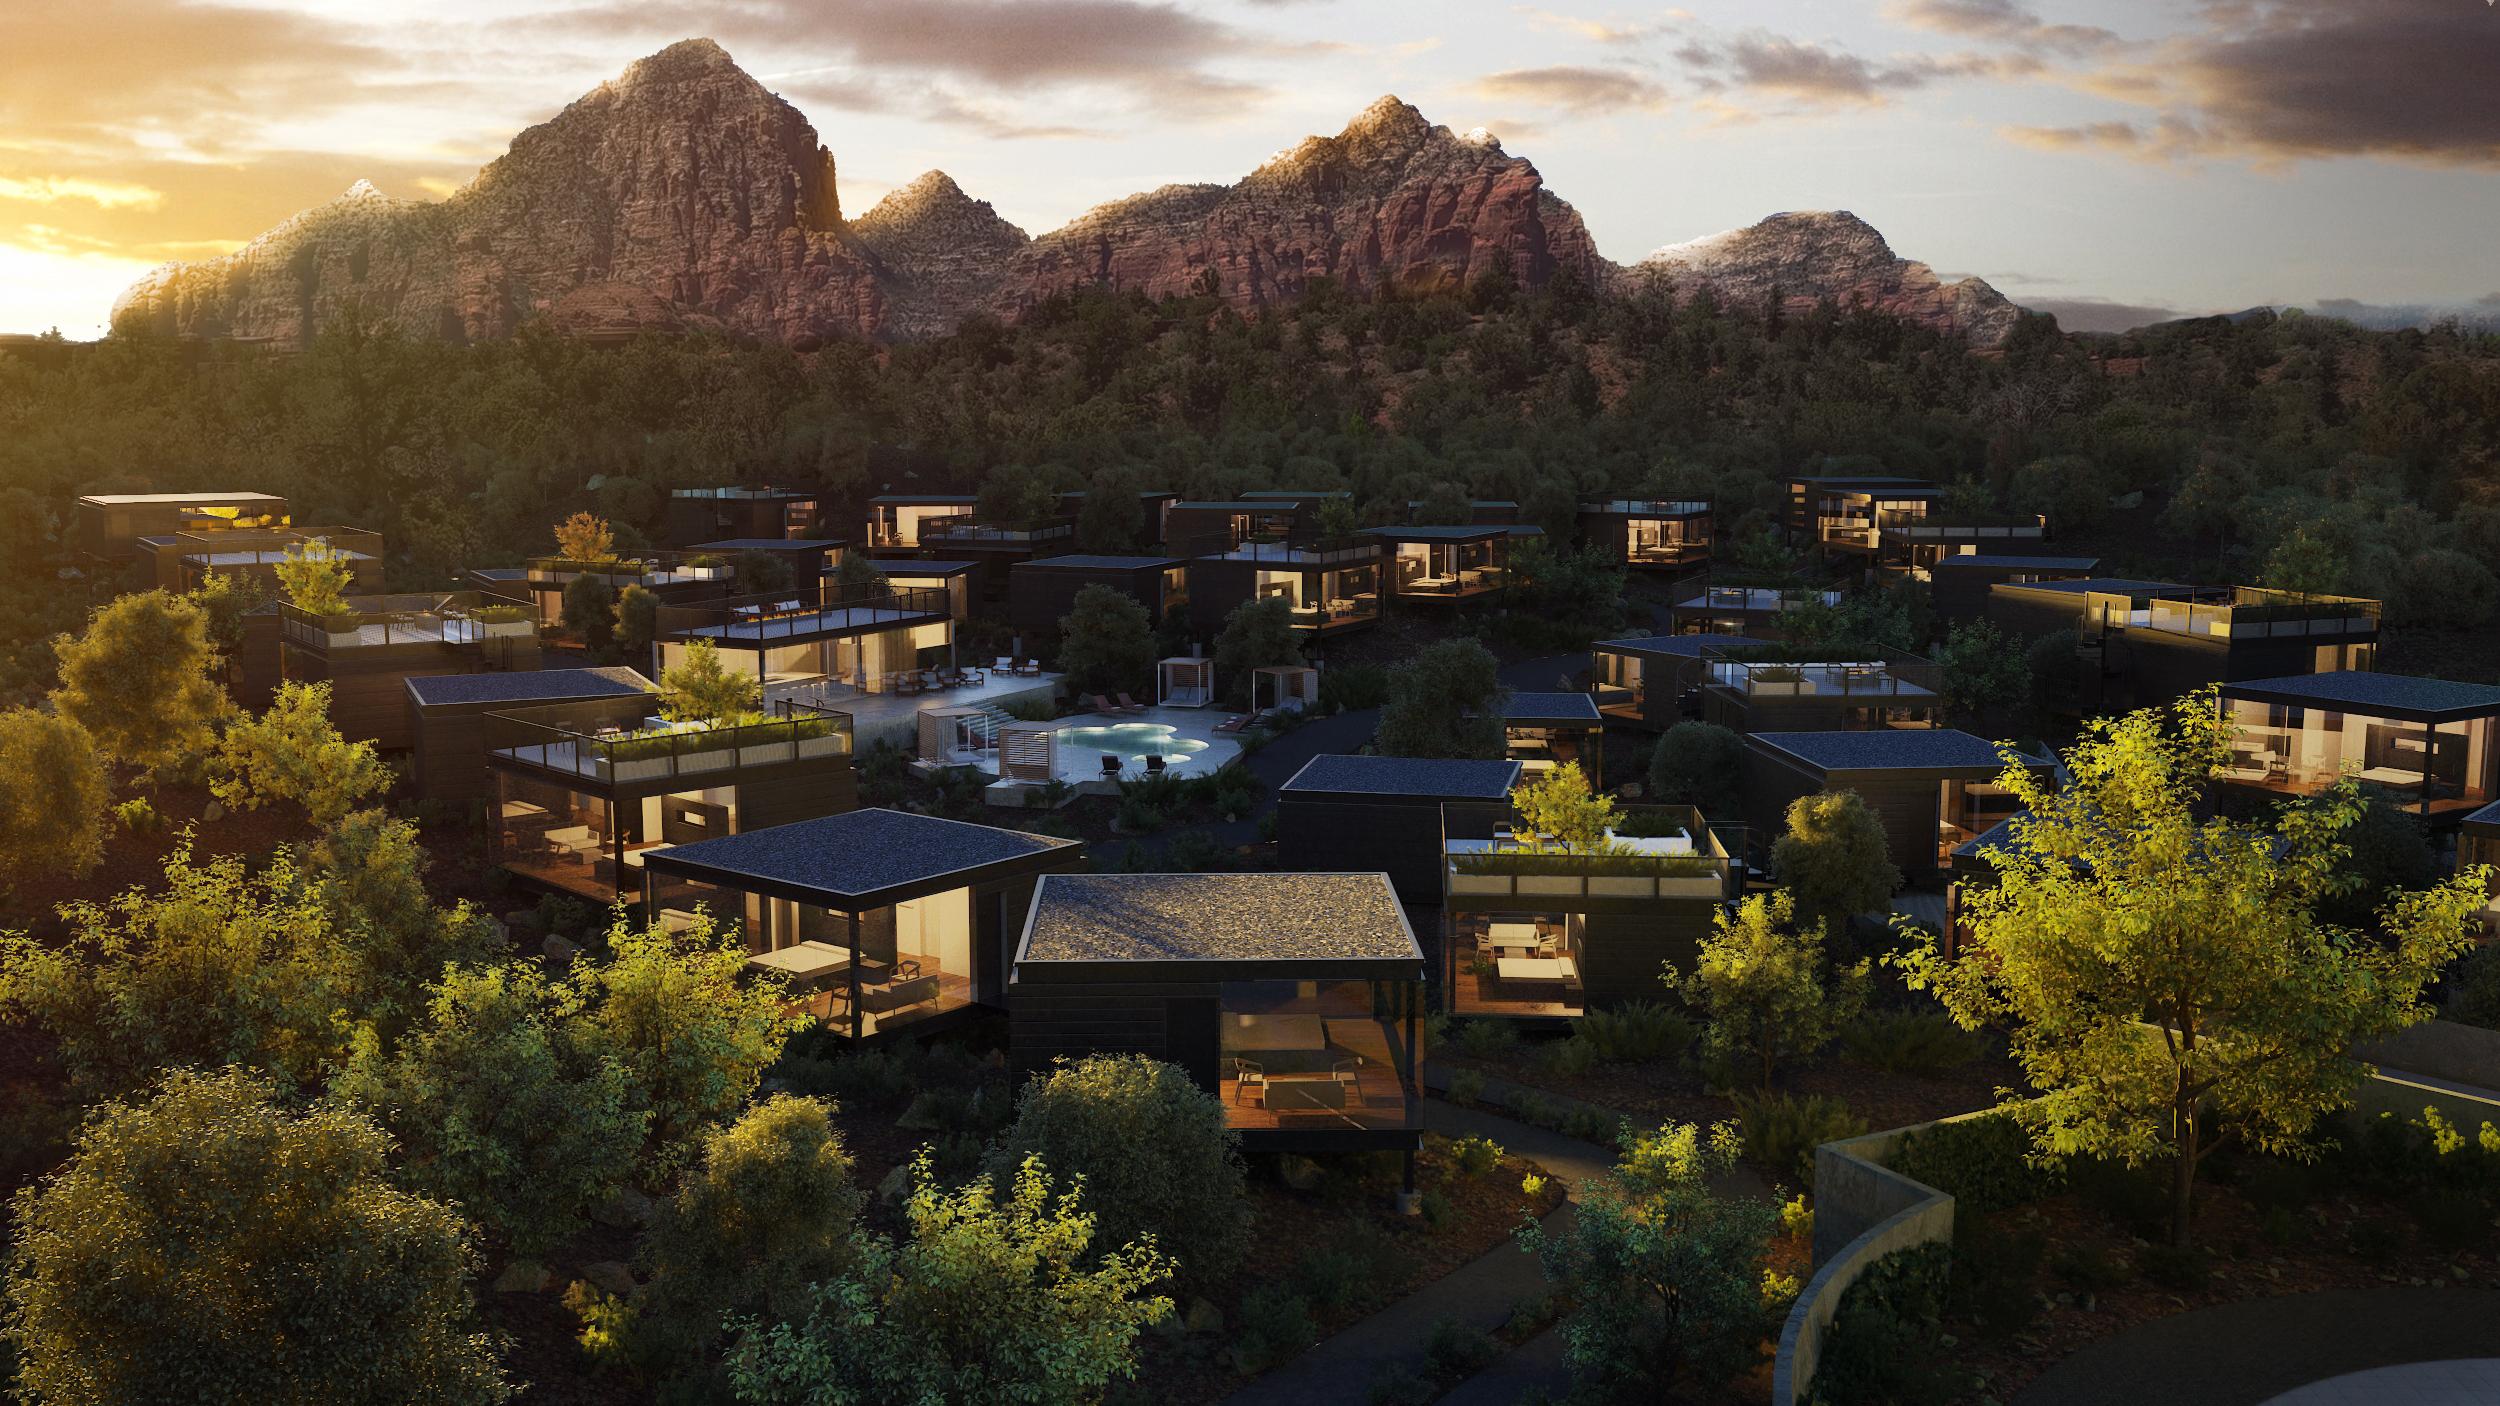 FINAL_Ambiente, a Landscape Hotel in Sedona, Ariz..jpg